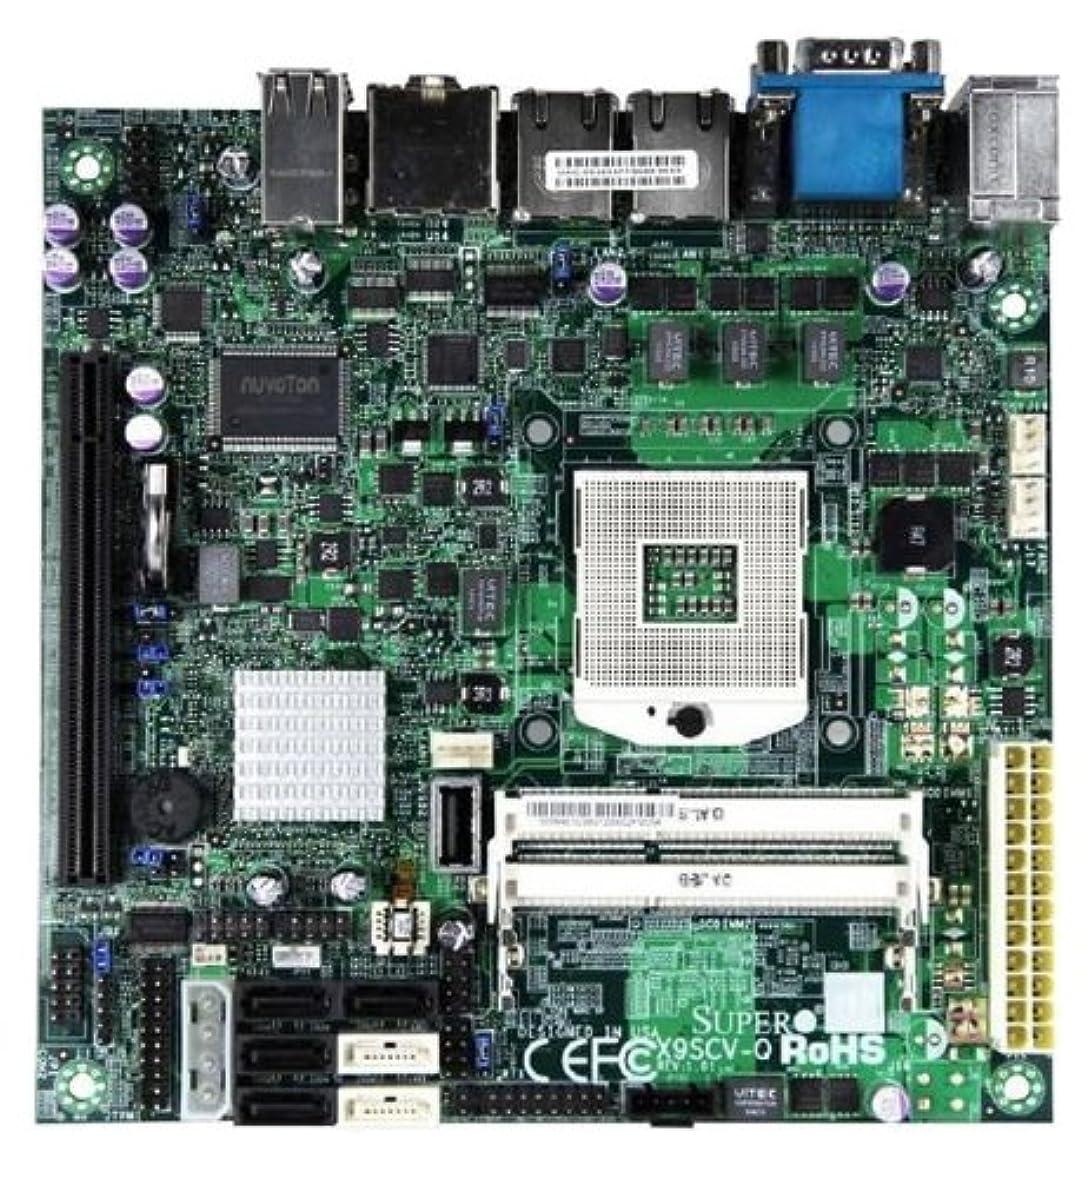 ぎこちない気配りのあるイノセンスSUPERMICRO X9SCV-Q - Motherboard - mini ITX - Socket G2 - QM67 - 2 x Gigabit LAN - onboard graphics (CPU required) - HD Audio